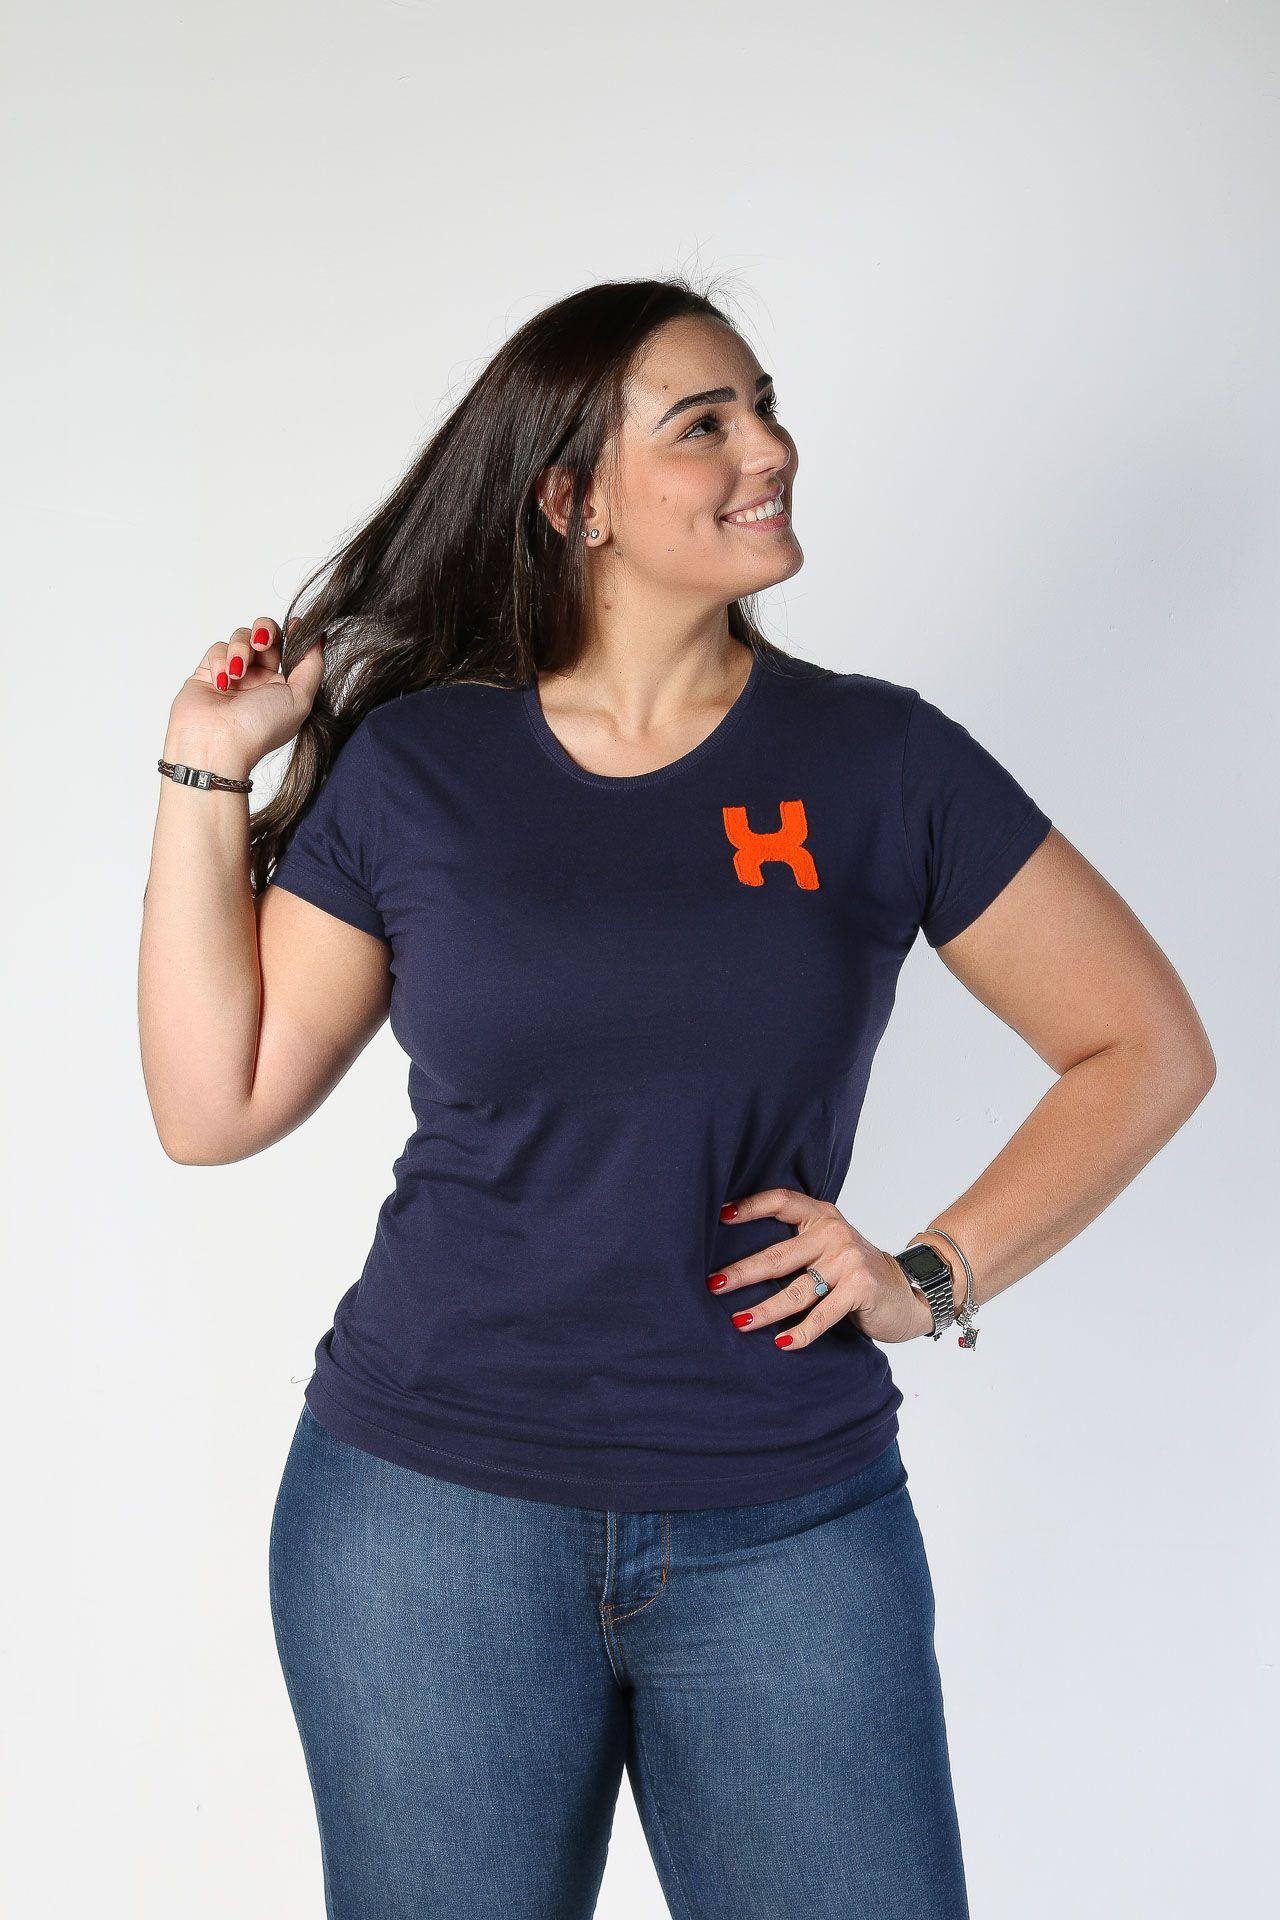 Camiseta Feminina TXC 4384